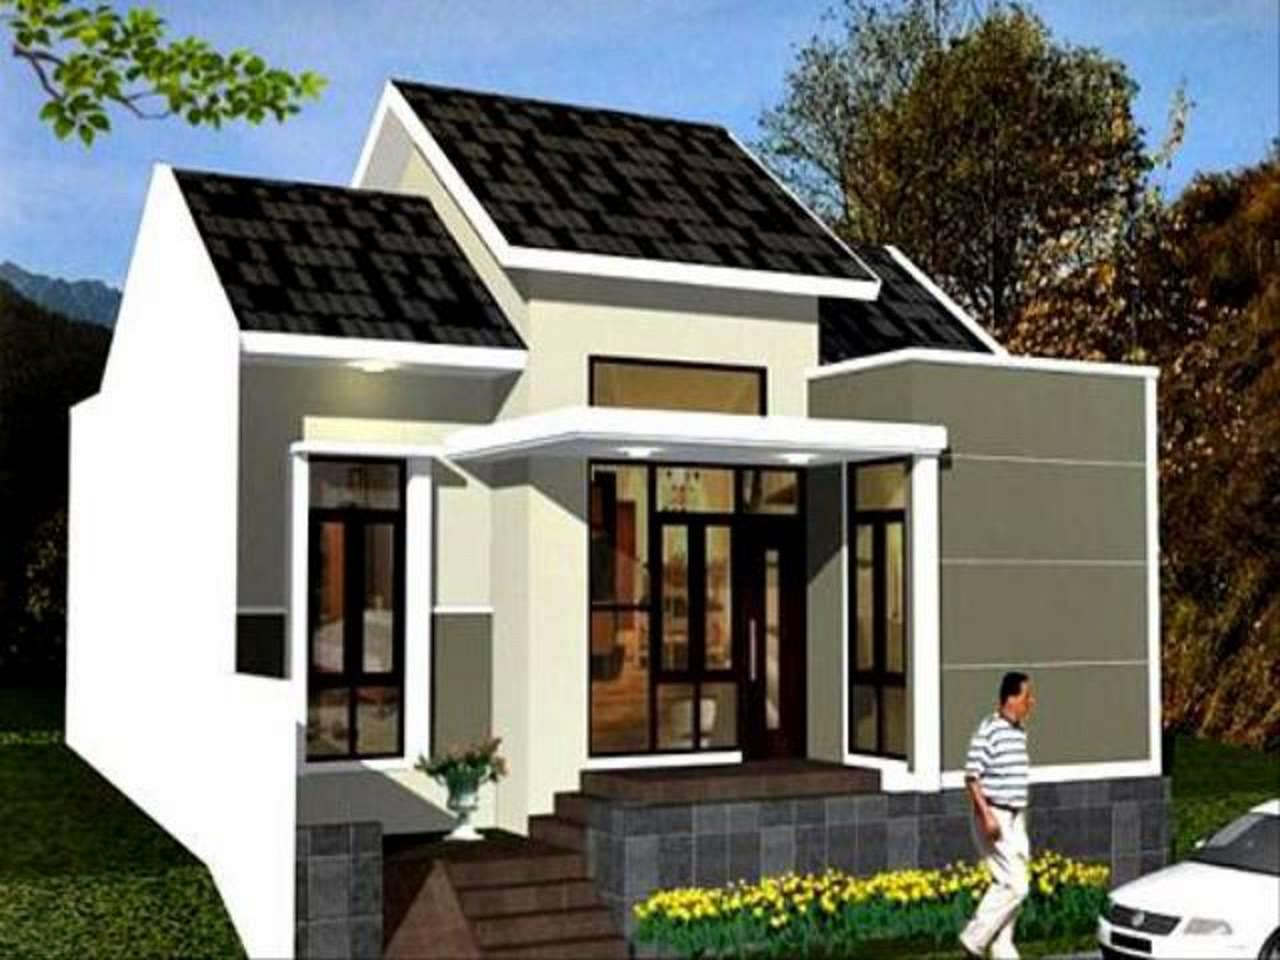 Unik 21 Gambar Rumah Kampung 47 Renovasi Merancang Inspirasi Rumah untuk 21 Gambar Rumah Kampung